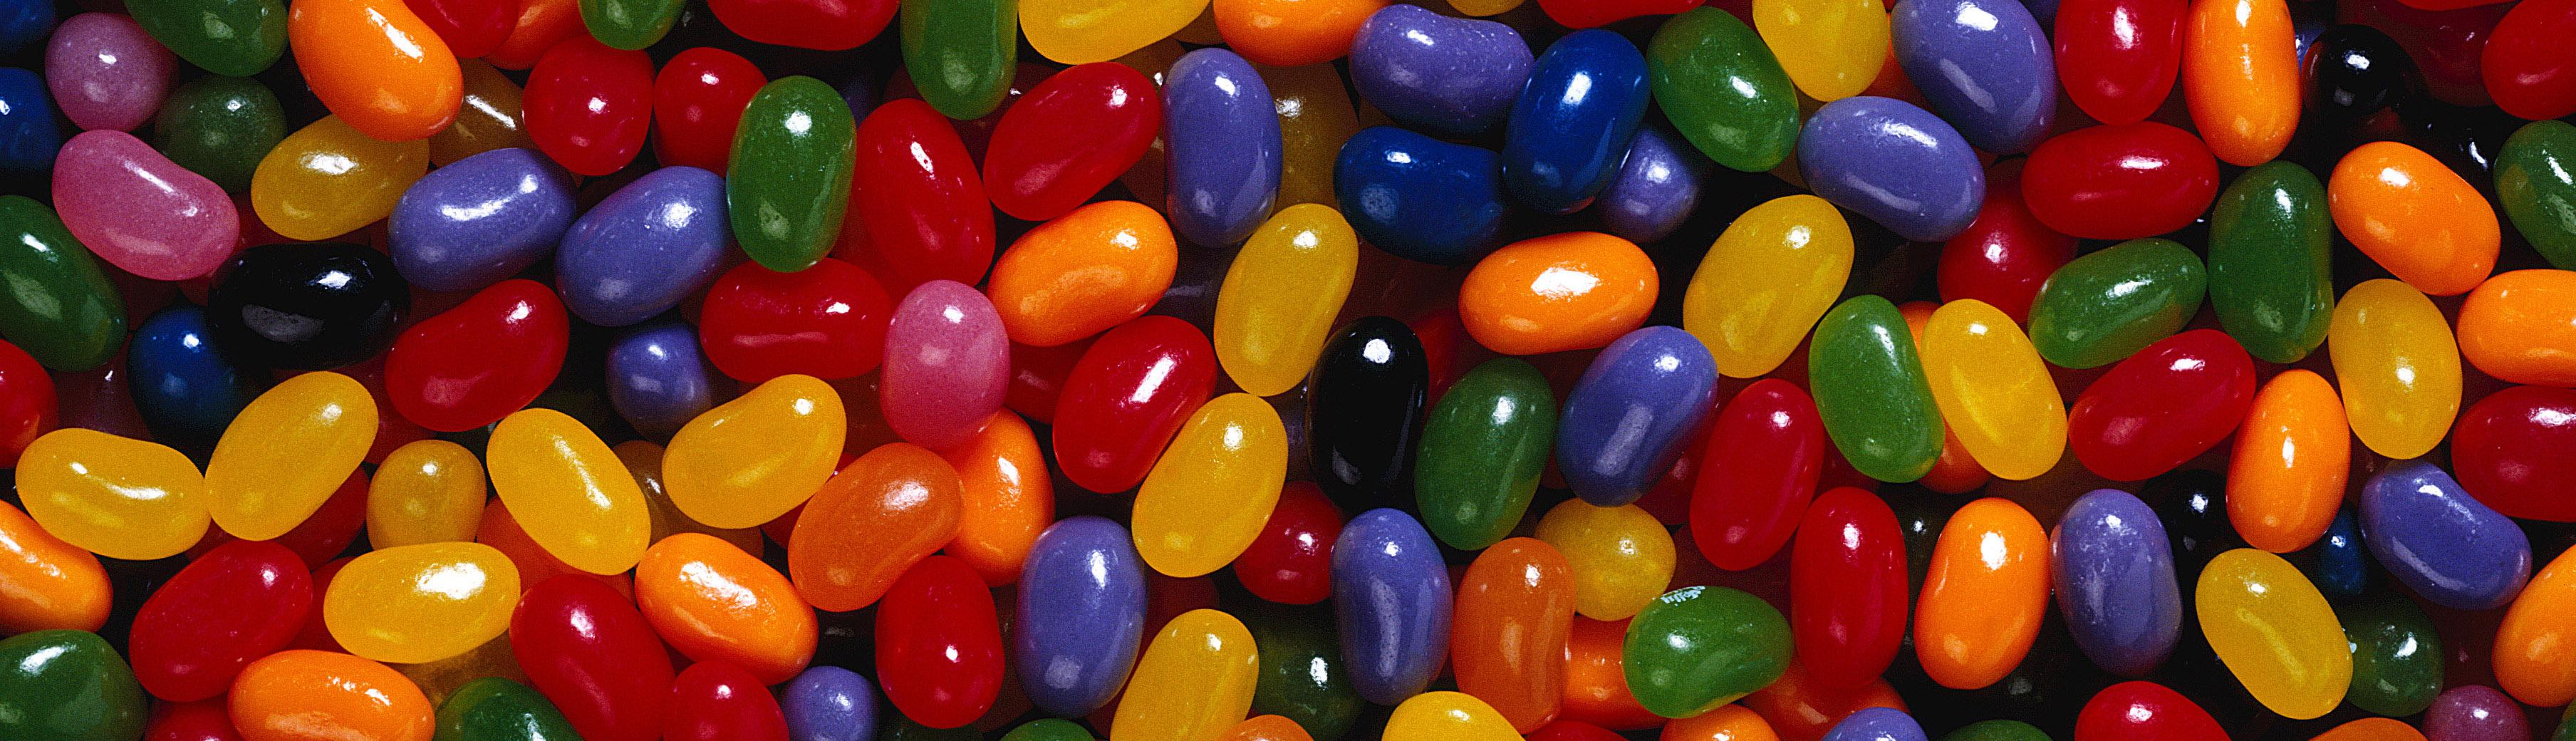 драже купить оптом цветные прозрачные круглые конфеты